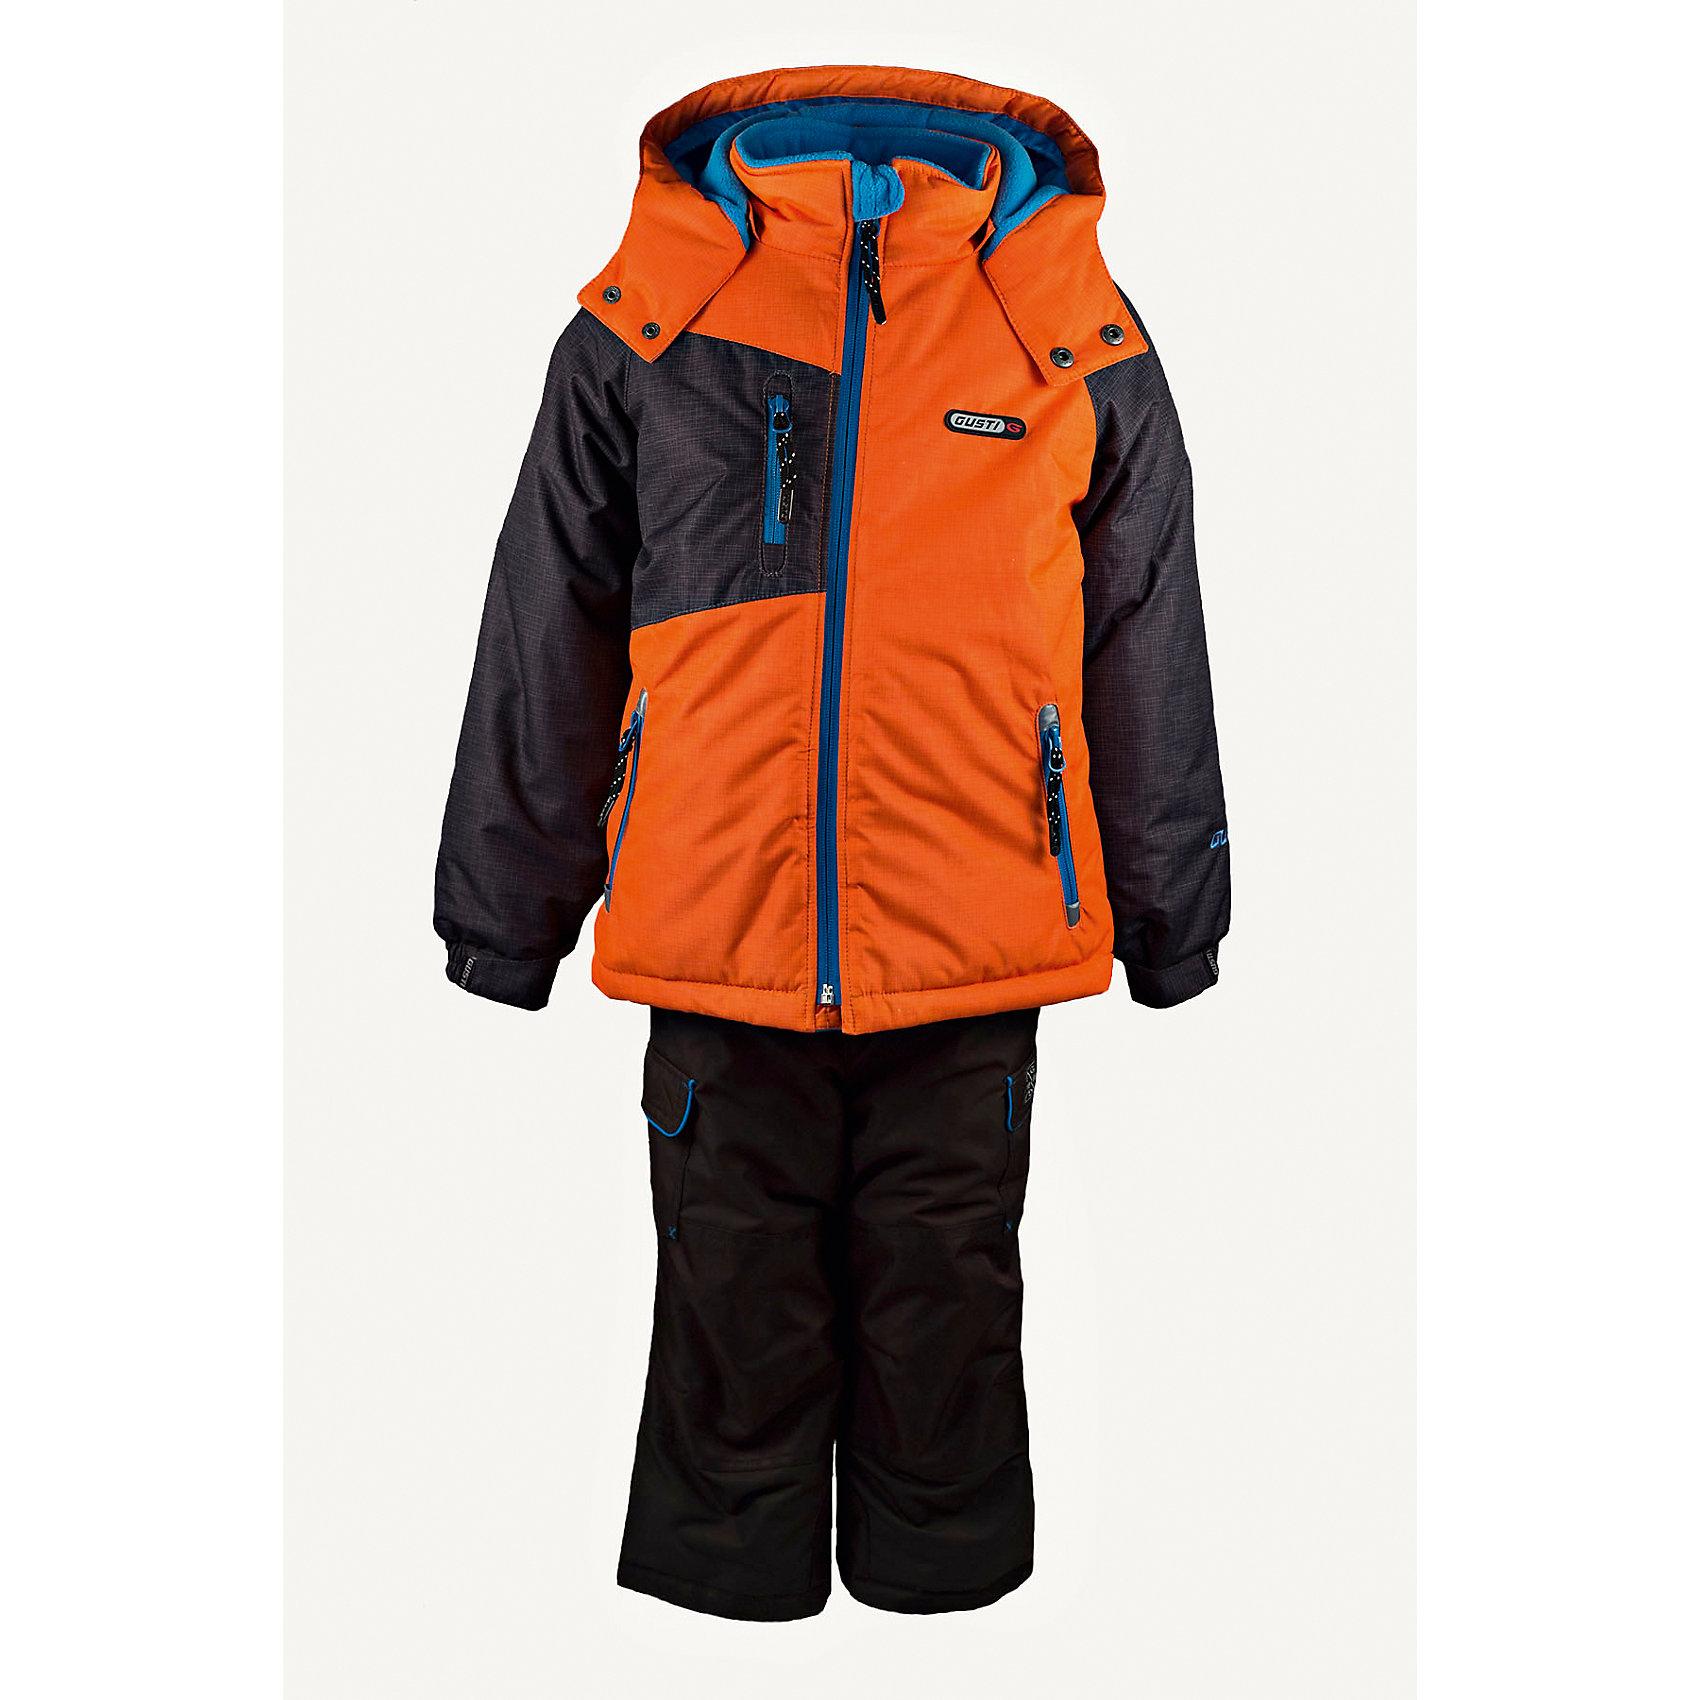 Комплект: куртка и полукомбинезон GUSTIКомплект: куртка и полукомбинезон GUSTI (ГУСТИ) – это идеальный вариант для суровой зимы с сильными морозами.<br><br>Температурный режим: до -30  градусов. Степень утепления – высокая. <br><br>* Температурный режим указан приблизительно — необходимо, прежде всего, ориентироваться на ощущения ребенка. Температурный режим работает в случае соблюдения правила многослойности – использования флисовой поддевы и термобелья.<br><br>Комплект от GUSTI (ГУСТИ) состоит из куртки и полукомбинезона прямого кроя, выполненных из плотного непромокаемого материала с защитной от влаги мембраной 5000 мм. Тань хорошо сохраняет тепло, отталкивает влагу и позволяет коже ребенка дышать. Утеплитель из тек-полифилла и флисовая внутренняя отделка на груди и на спинке дают возможность использовать комплект при очень низких температурах. Куртка застегивается на молнию, имеет три внутренних кармана на застежках-молниях, снегозащитную юбку, трикотажные манжеты в рукавах, отстёгивающийся прилегающий капюшон с флисовой подкладкой. Низ рукавов регулируется с помощью липучек. Полукомбинезон застегивается на молнию, имеет два накладных кармана с клапанами на липучках, регулируемые лямки, снегозащитные гетры. Длина брючин регулируется (отворот с креплением на липе). Сзади, на коленях, и по низу брючин имеется дополнительный слой ткани Cordura Oxford (сверхстойкий полиэстер). До размера 6х (120 см.) у полукомбинезона высокая грудка, в размерах 7 (122 см.) - 14 (164см) отстегивающаяся спинка, грудки нет. Модель подходит для прогулок на морозе до -30 градусов.<br><br>Дополнительная информация:<br><br>- Сезон: зима<br>- Пол: мальчик<br>- Цвет: оранжевый, серый<br>- Узор: однотонный<br>- Температурный режим до -30 градусов<br>- Материал верха: куртка - shuss 5000мм (100% полиэстер); брюки - taslan 5000мм, накладки Cordura Oxford сзади, на коленях, и по низу брючин<br>- Наполнитель: куртка - тек-полифилл плотностью 283 гр/м (10 унций) 100% полиэстер; брюки - тек-полифил